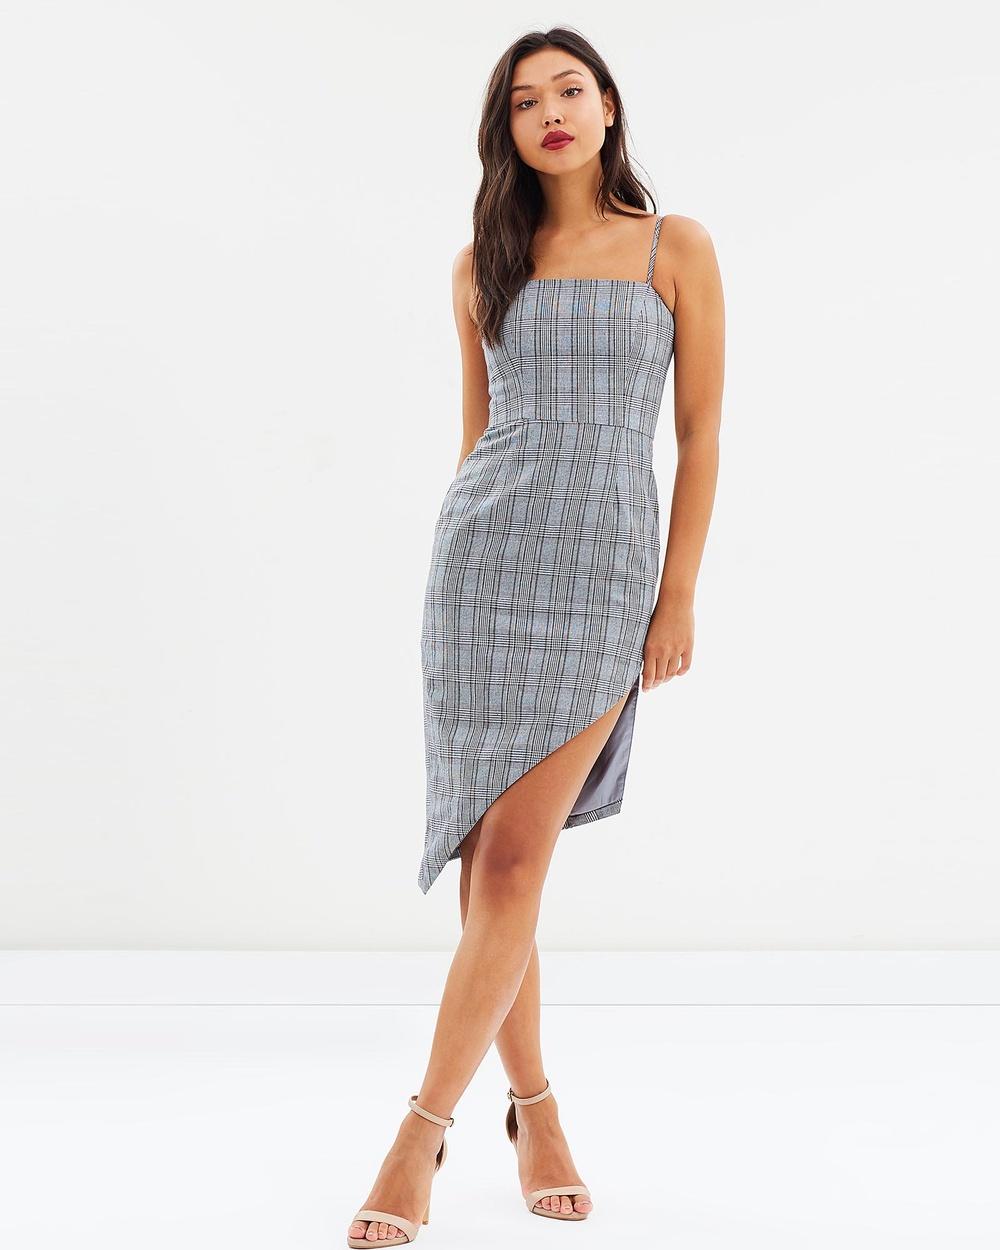 DELPHINE Assembly Dress Dresses Grey Check Assembly Dress